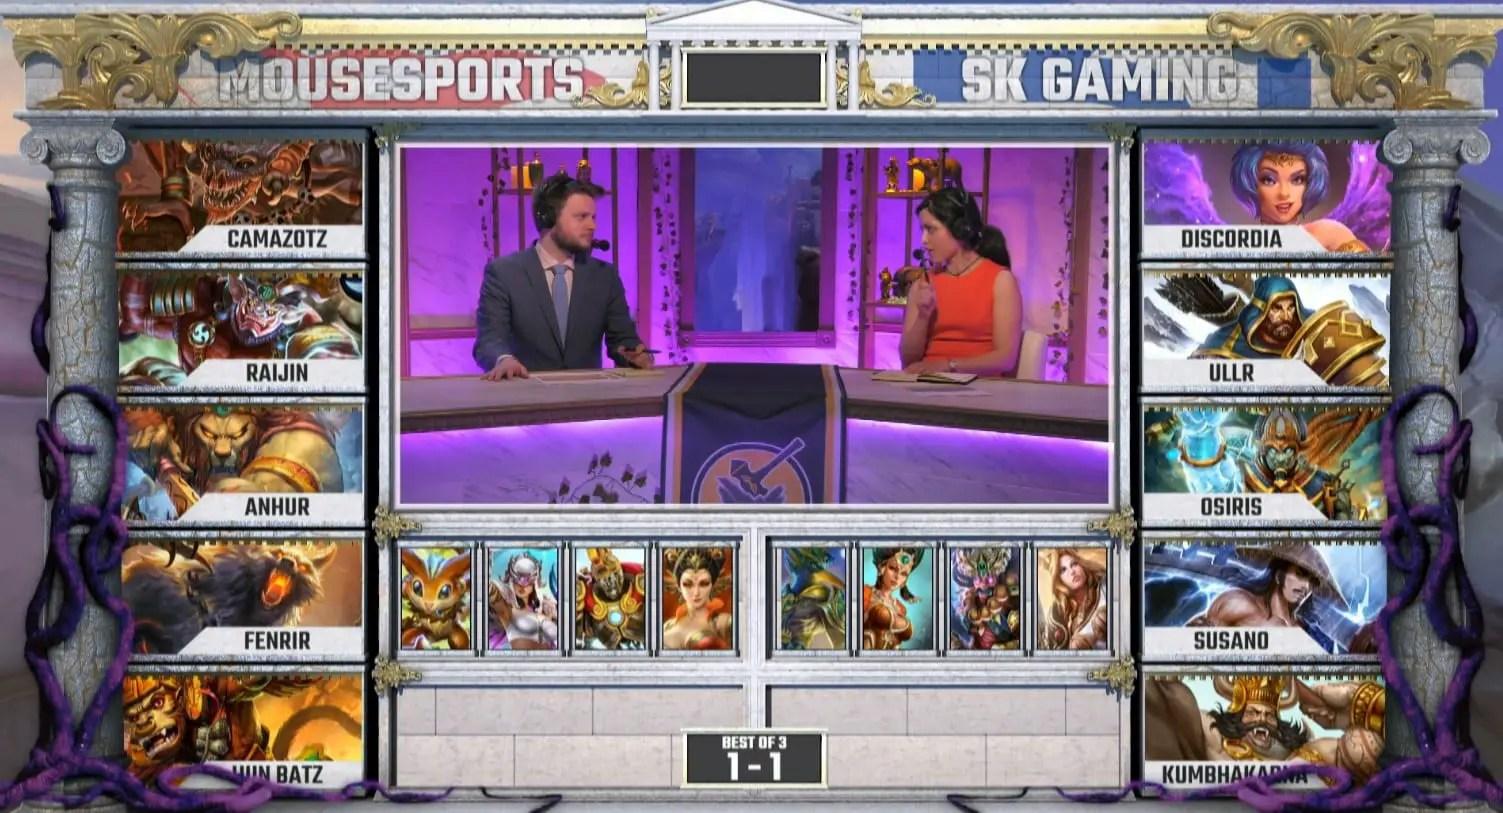 Smite Verdict: Mousesports